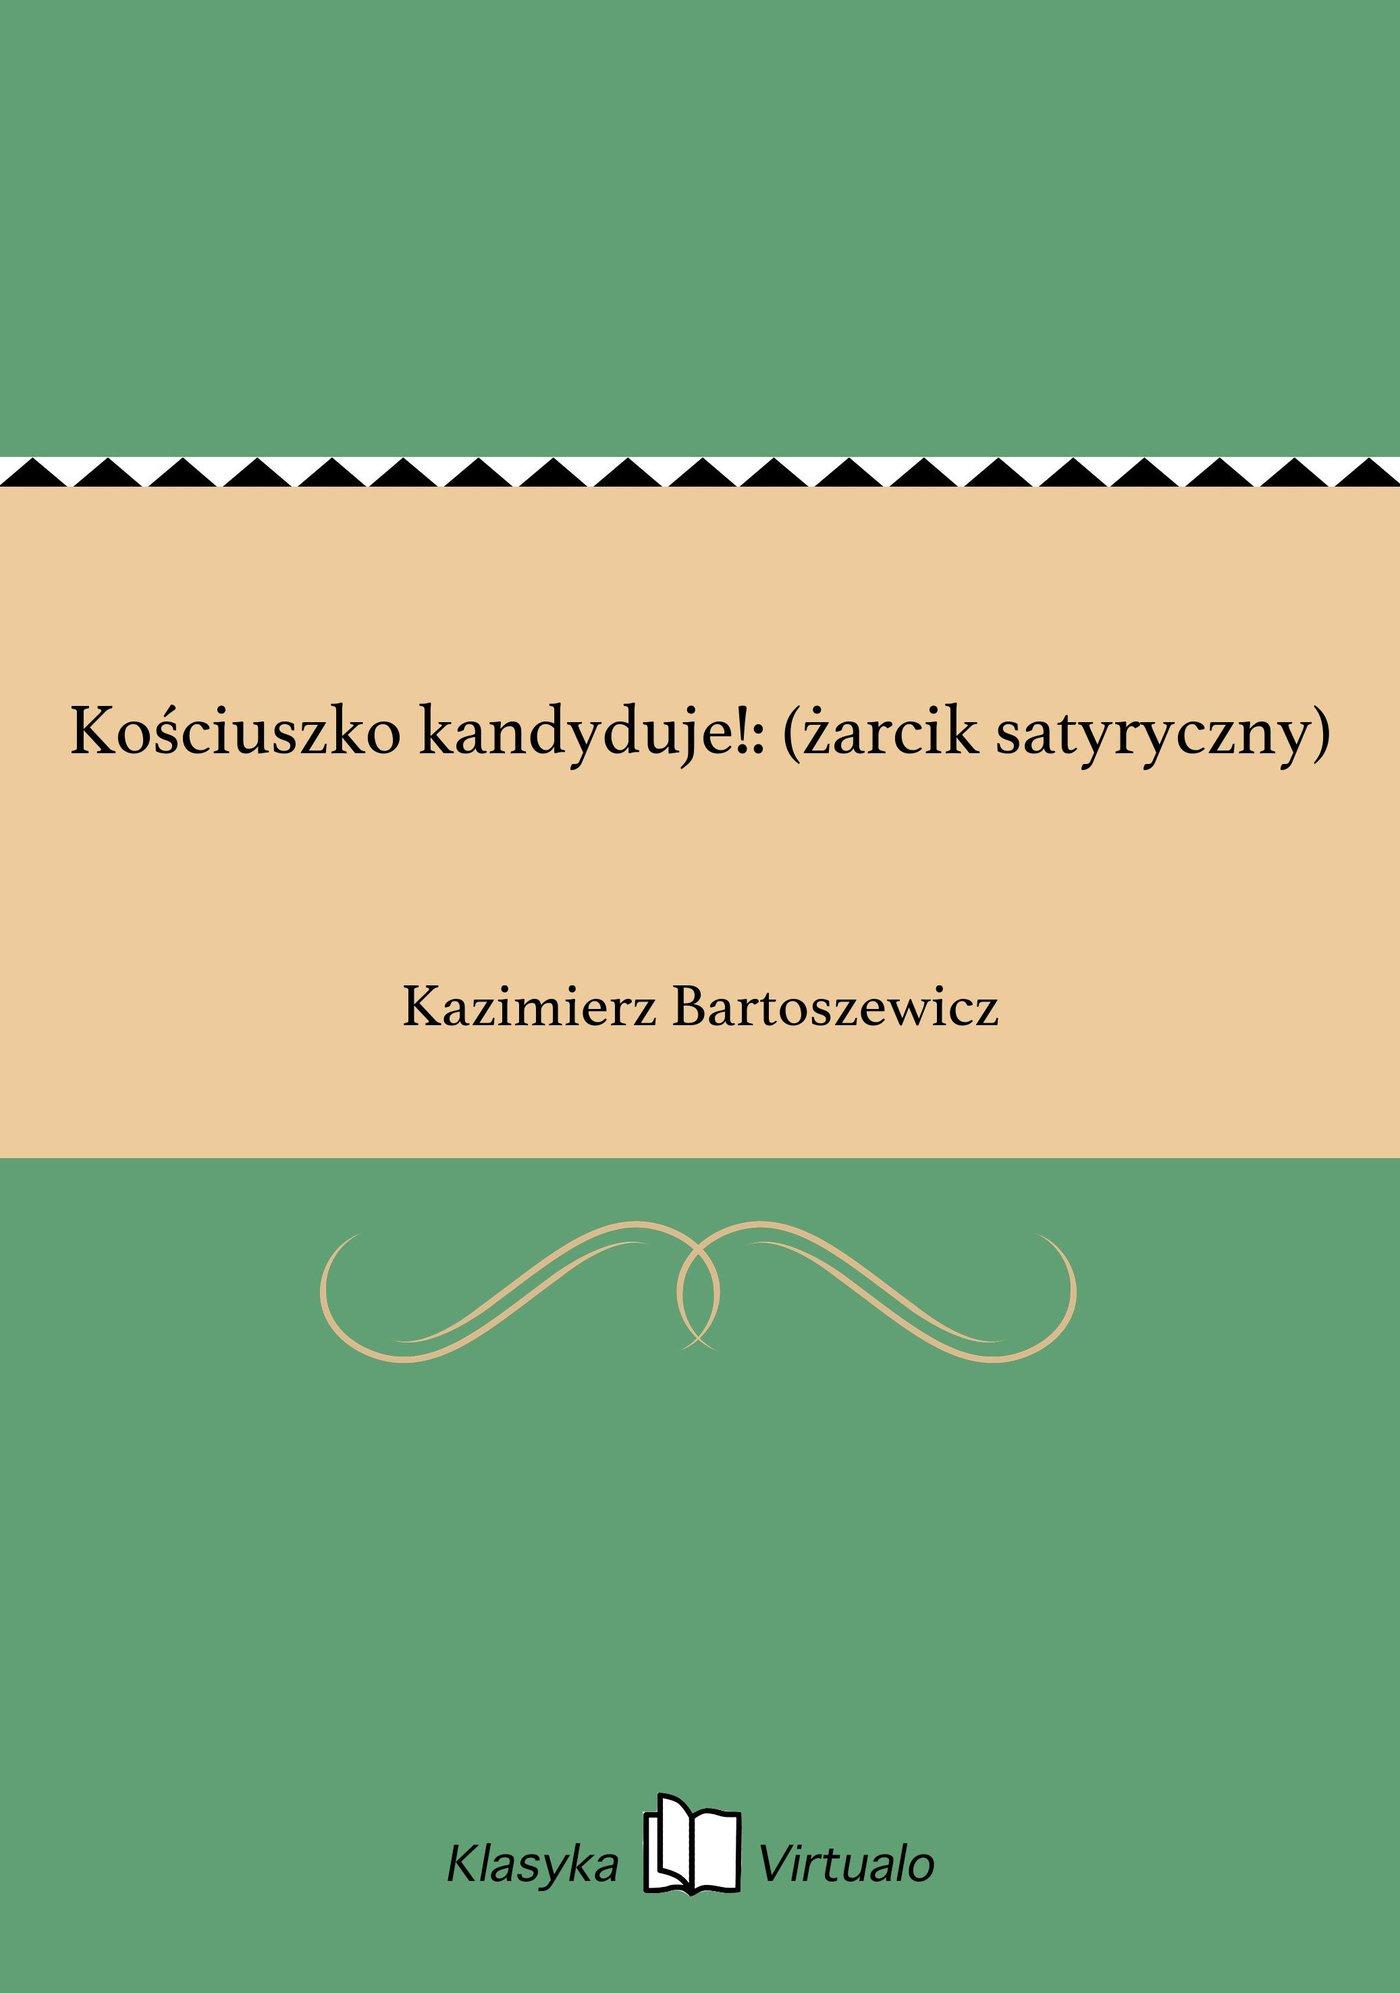 Kościuszko kandyduje!: (żarcik satyryczny) - Ebook (Książka na Kindle) do pobrania w formacie MOBI